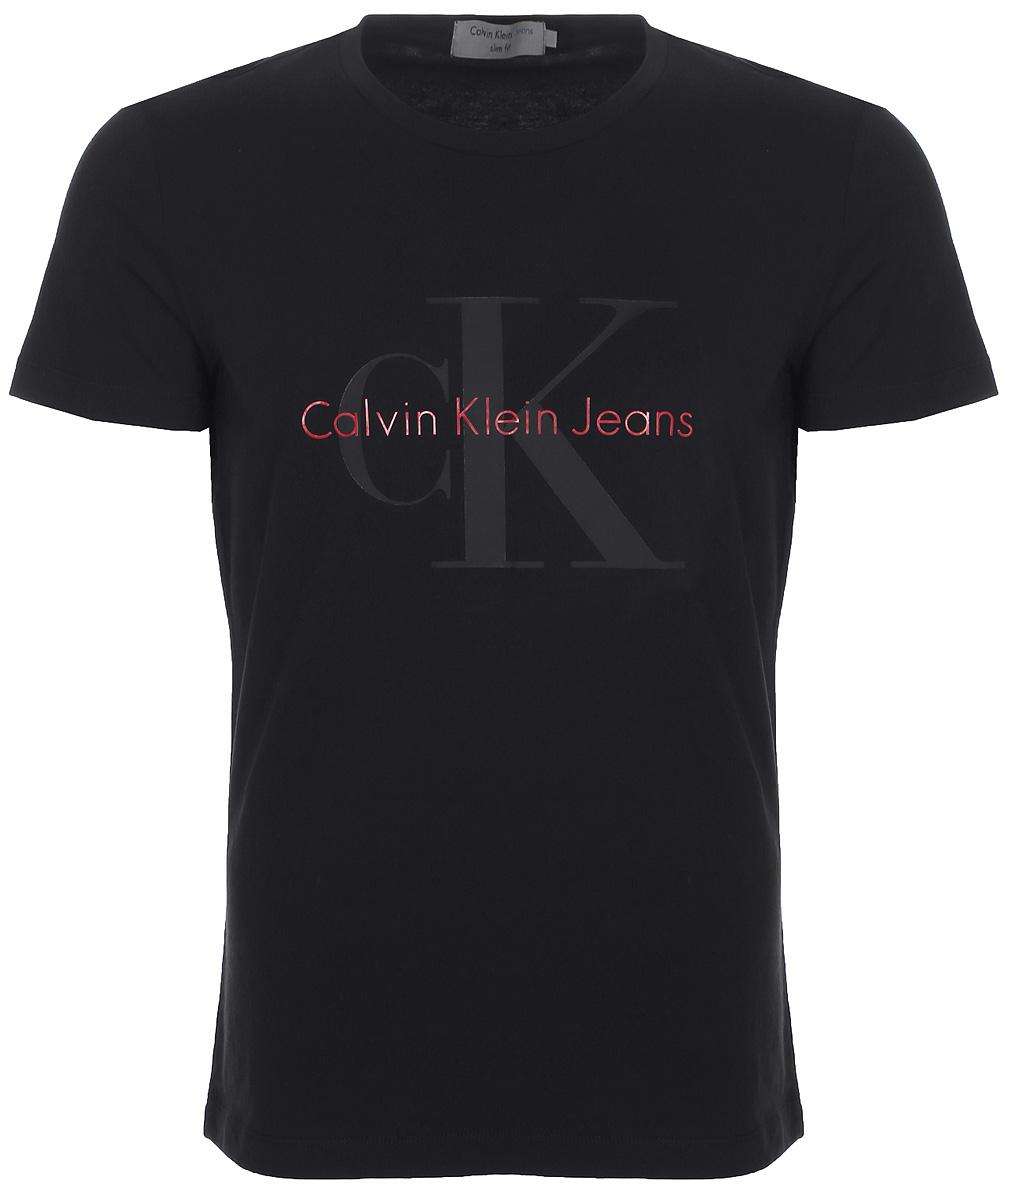 Футболка мужская Calvin Klein Jeans, цвет: черный. J30J306884_0990. Размер XXL (52/54) джемпер мужской calvin klein jeans цвет черный j30j306946 0990 размер xxl 52 54